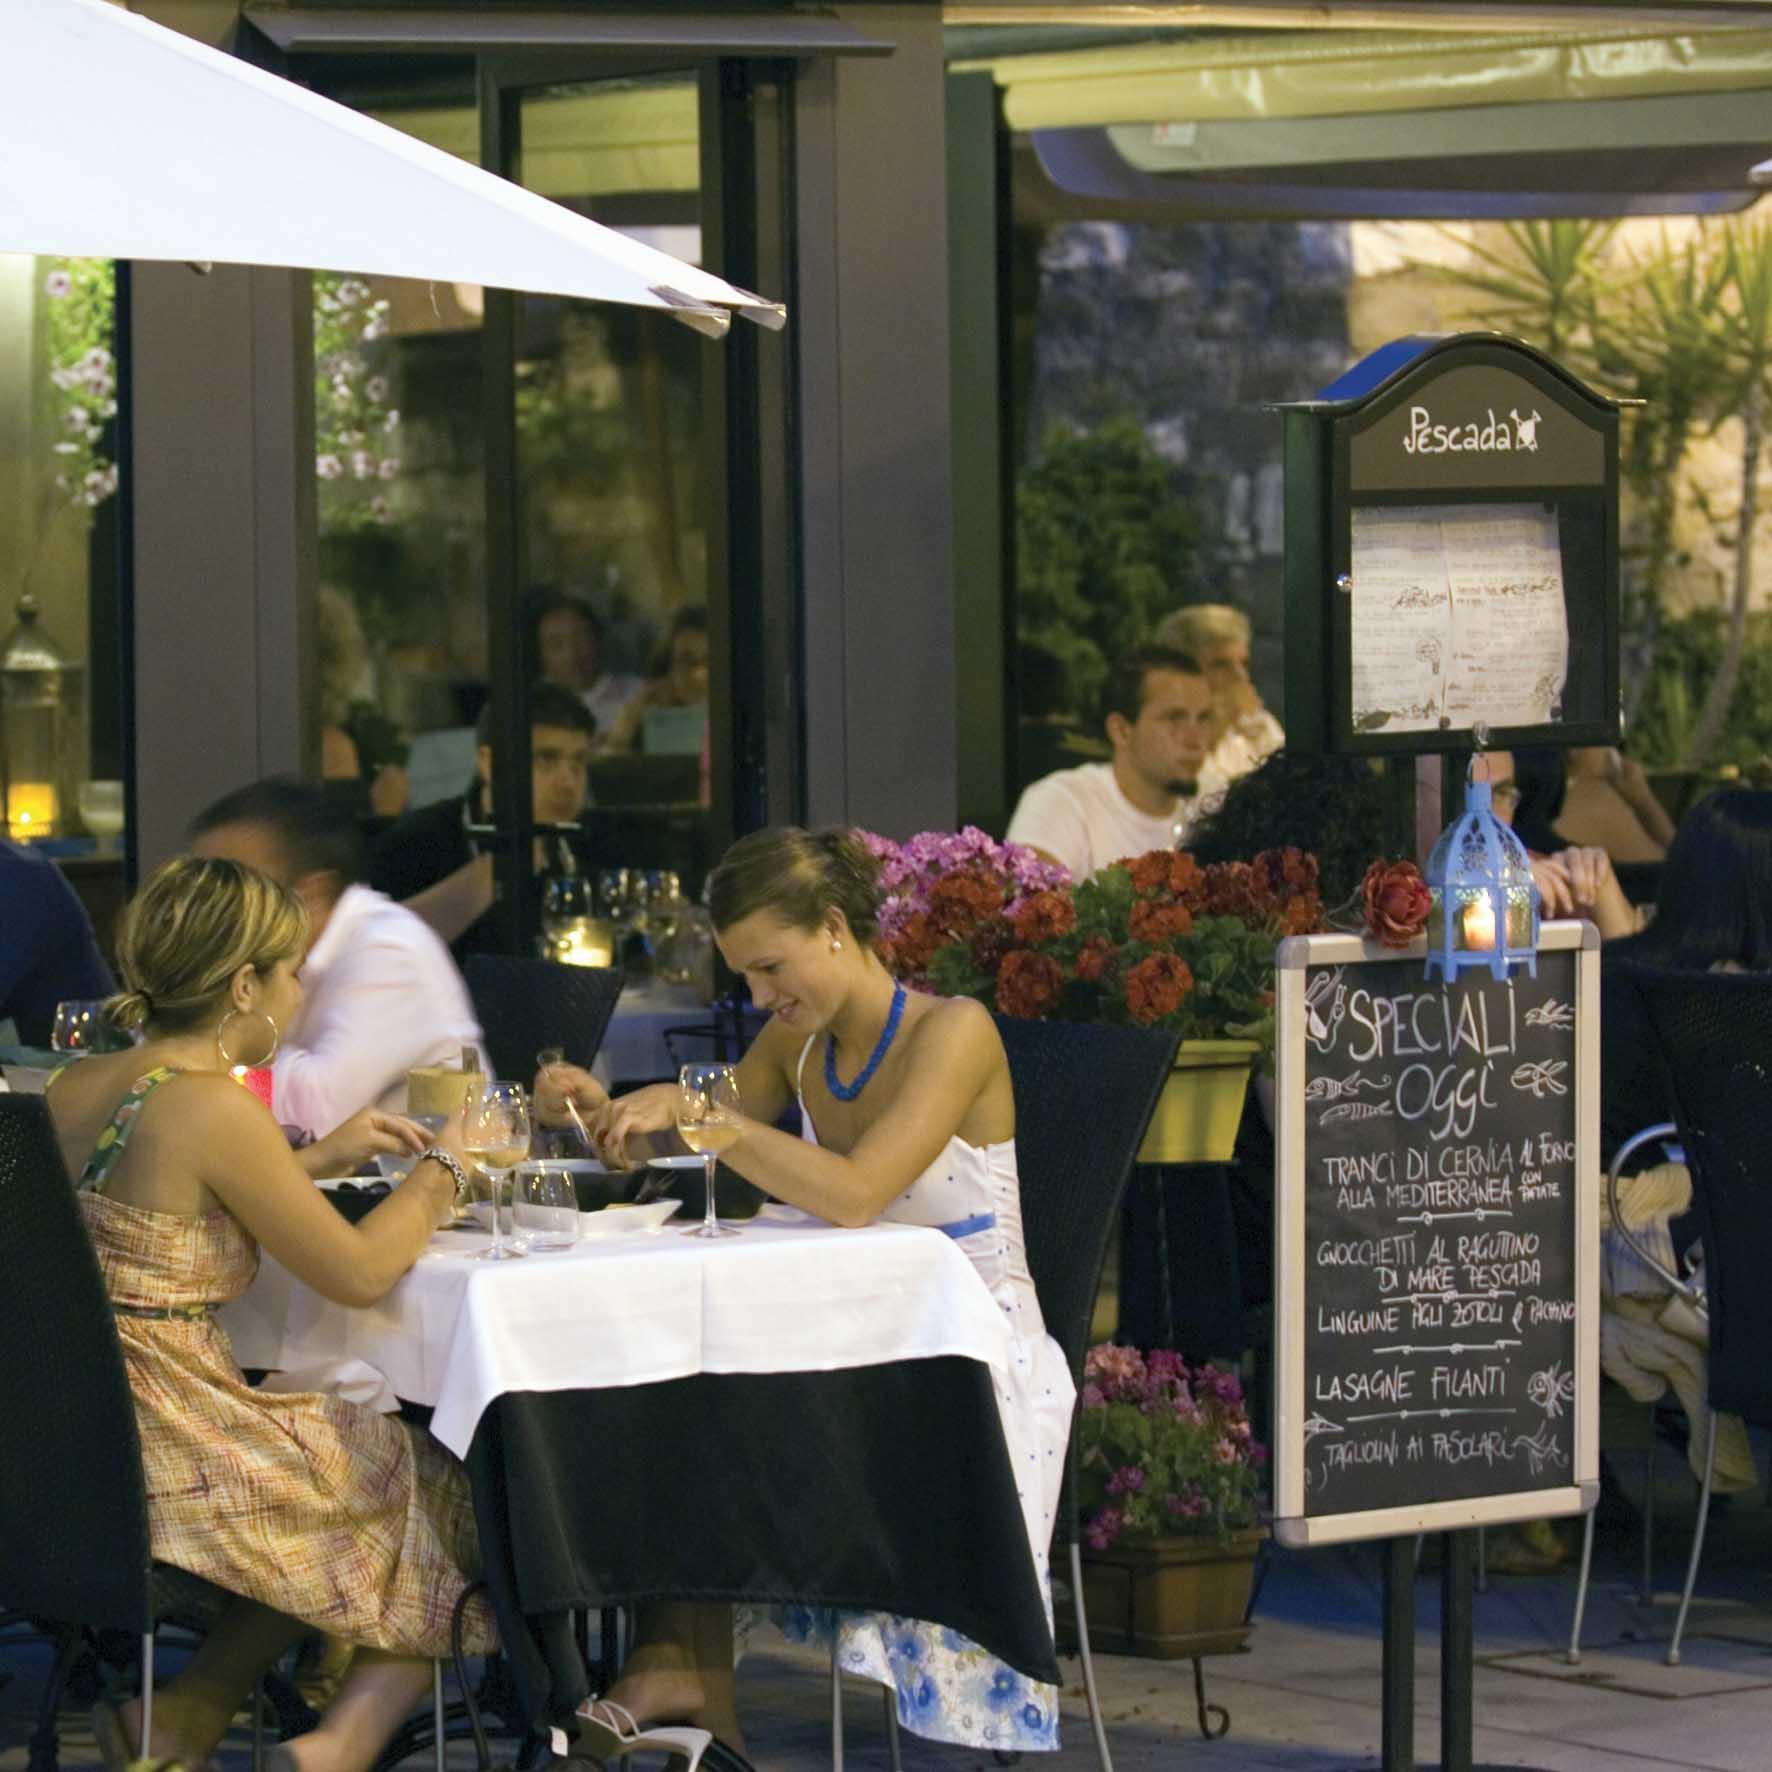 pubblici esercizi ristorante locali pubblici